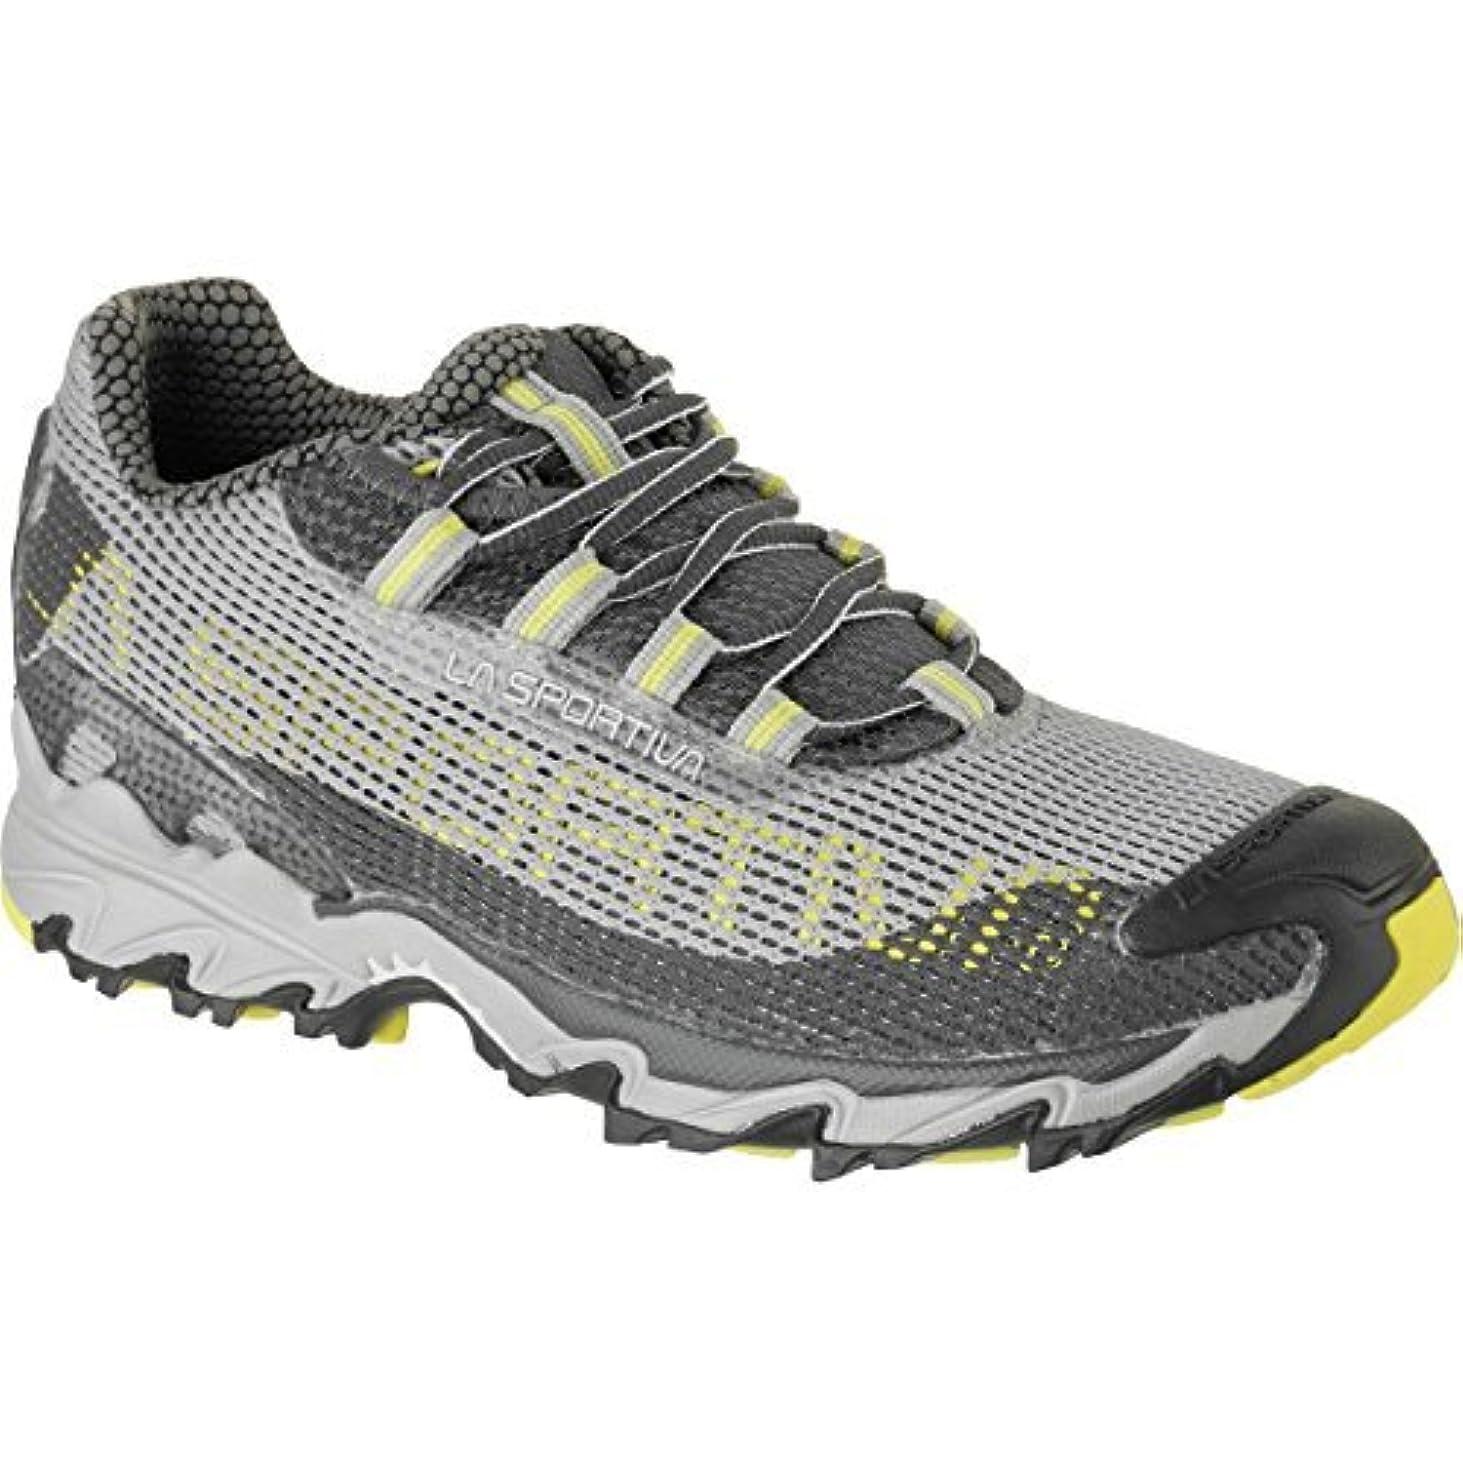 砂受取人ターミナルLa Sportiva Women's Wildcat Trail Running Shoe Grey/Butter 40 M EU [並行輸入品]